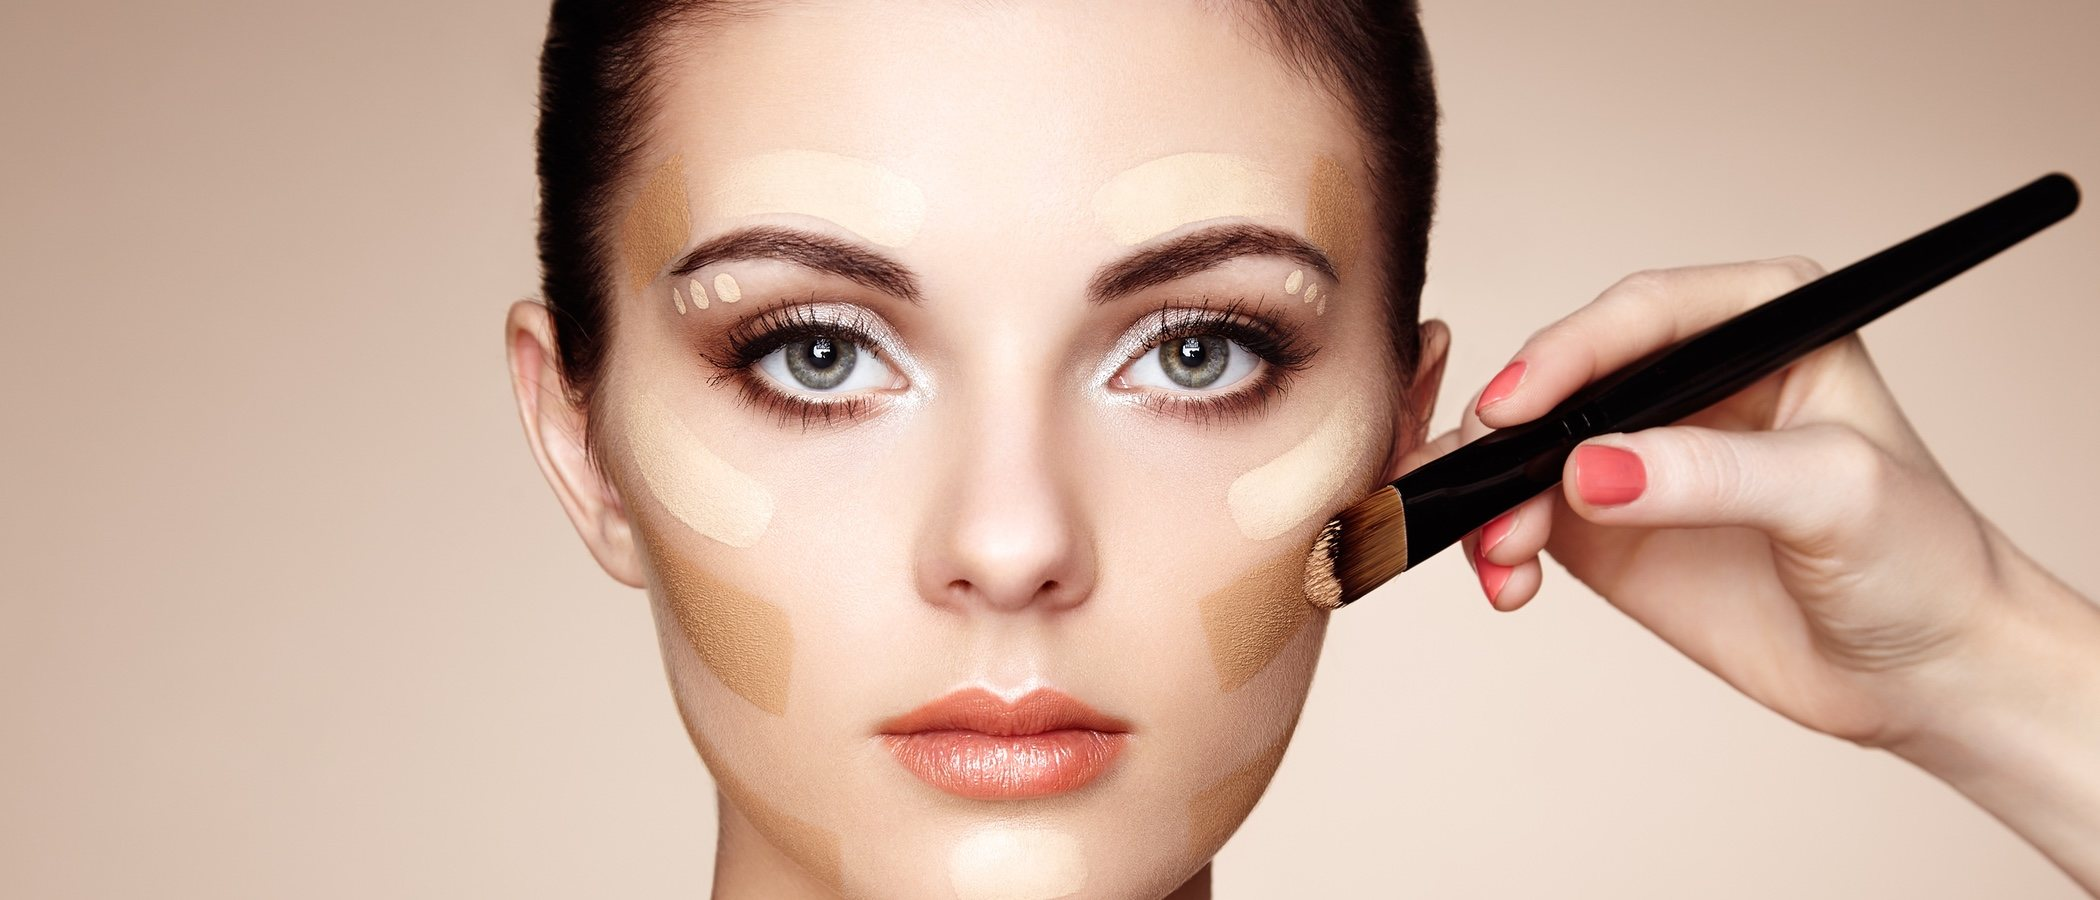 5 bases low cost que no pueden faltar en tu kit de maquillaje